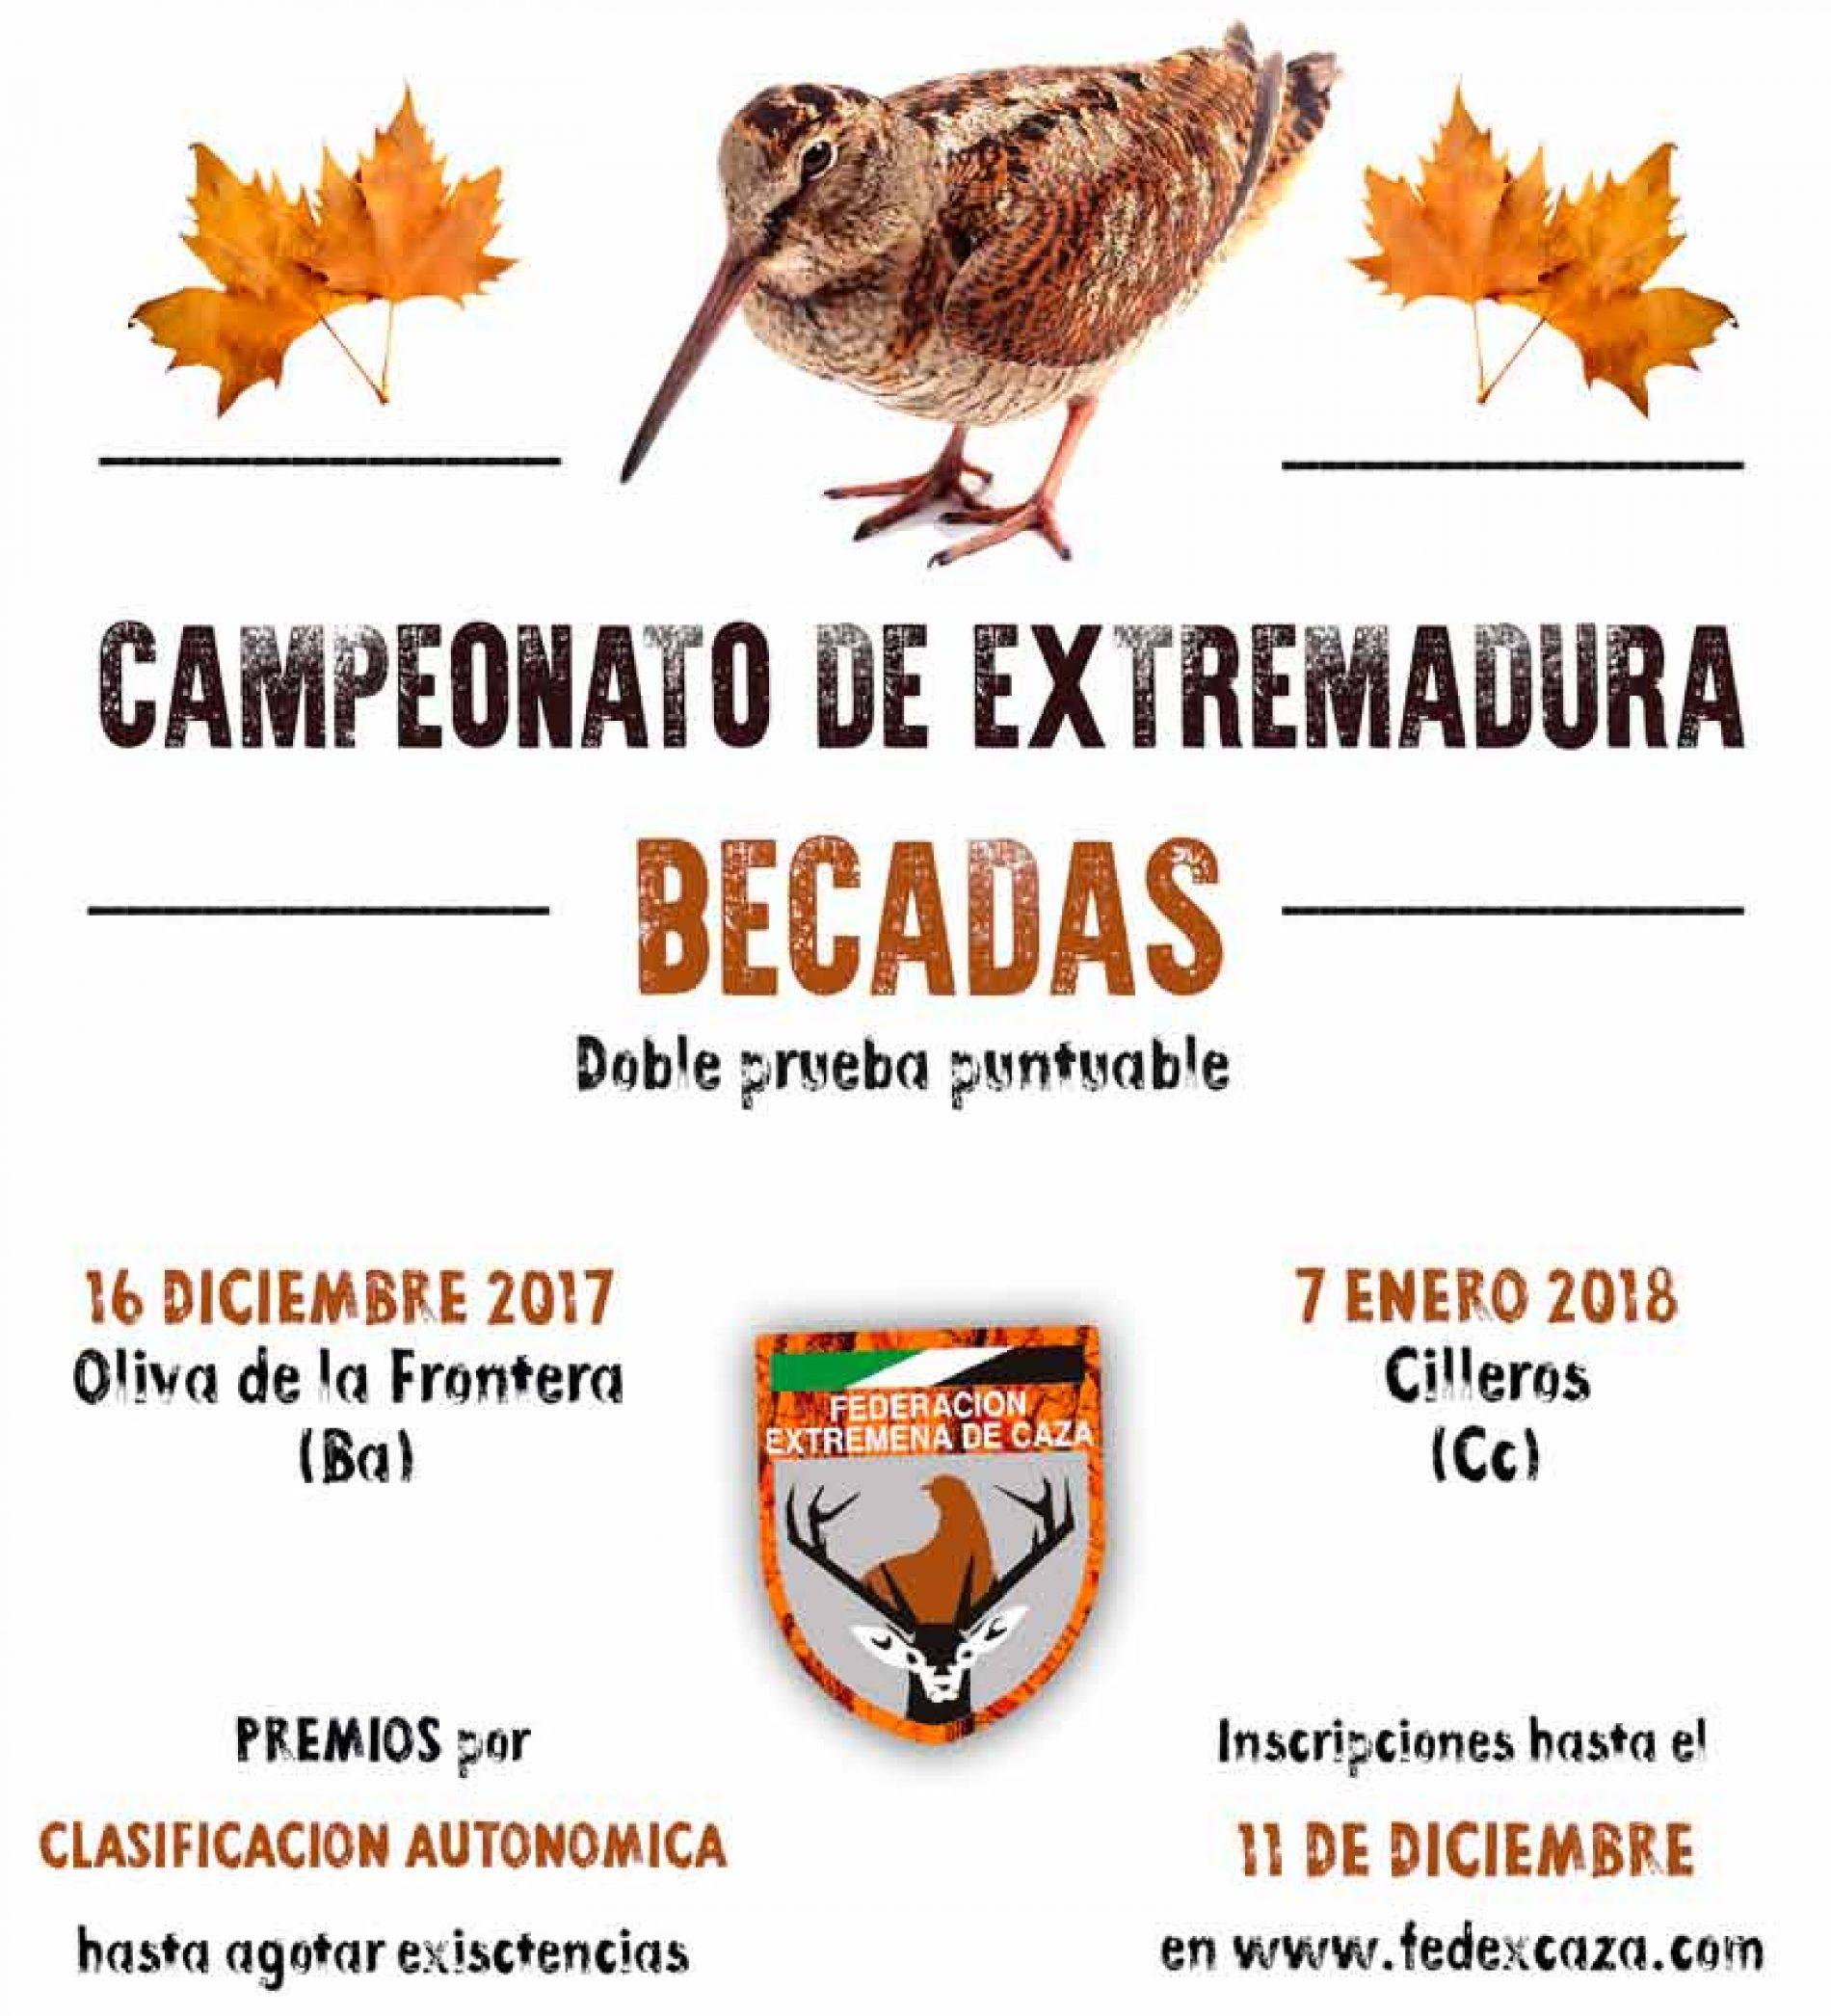 Campeonato de Becadas de Extremadura el 16 de diciembre y el 7 de enero